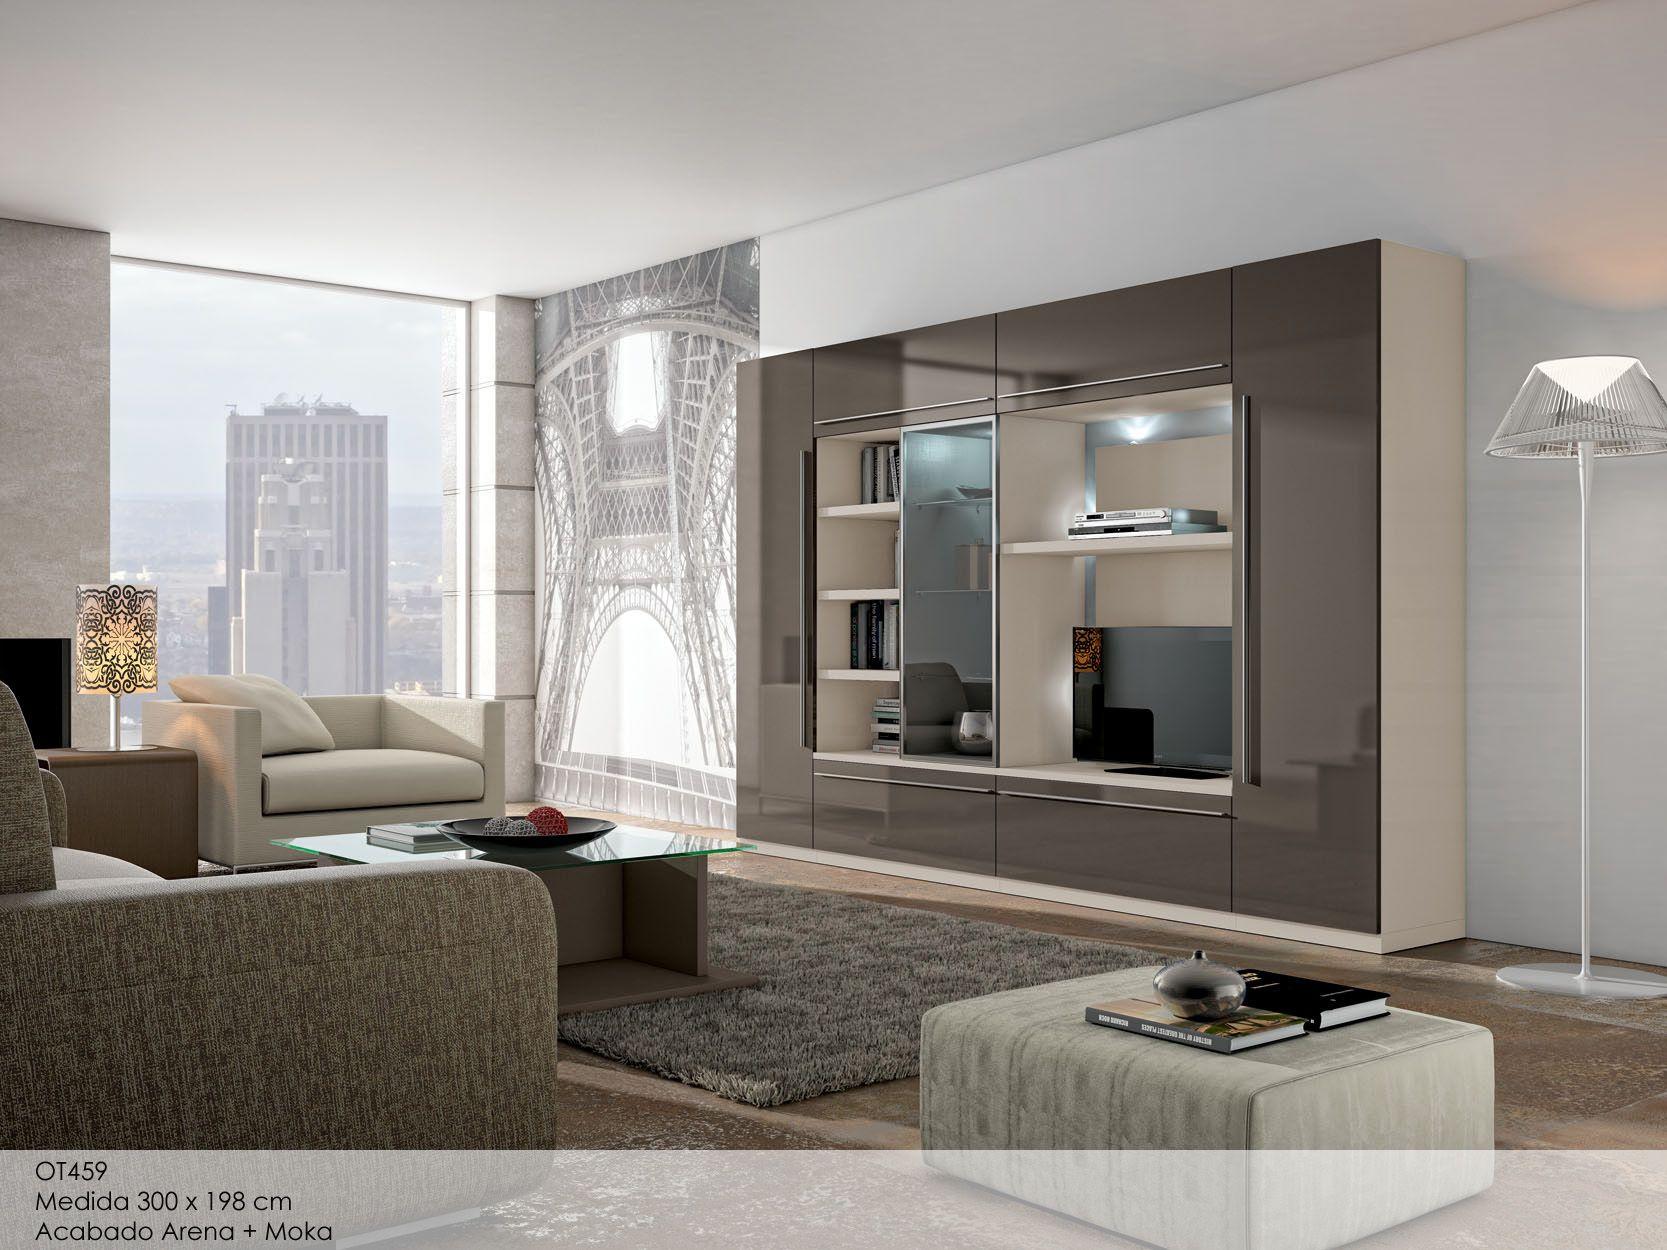 Salones modulares modernos madrid buscar con google for Diseno de muebles para tv modernos